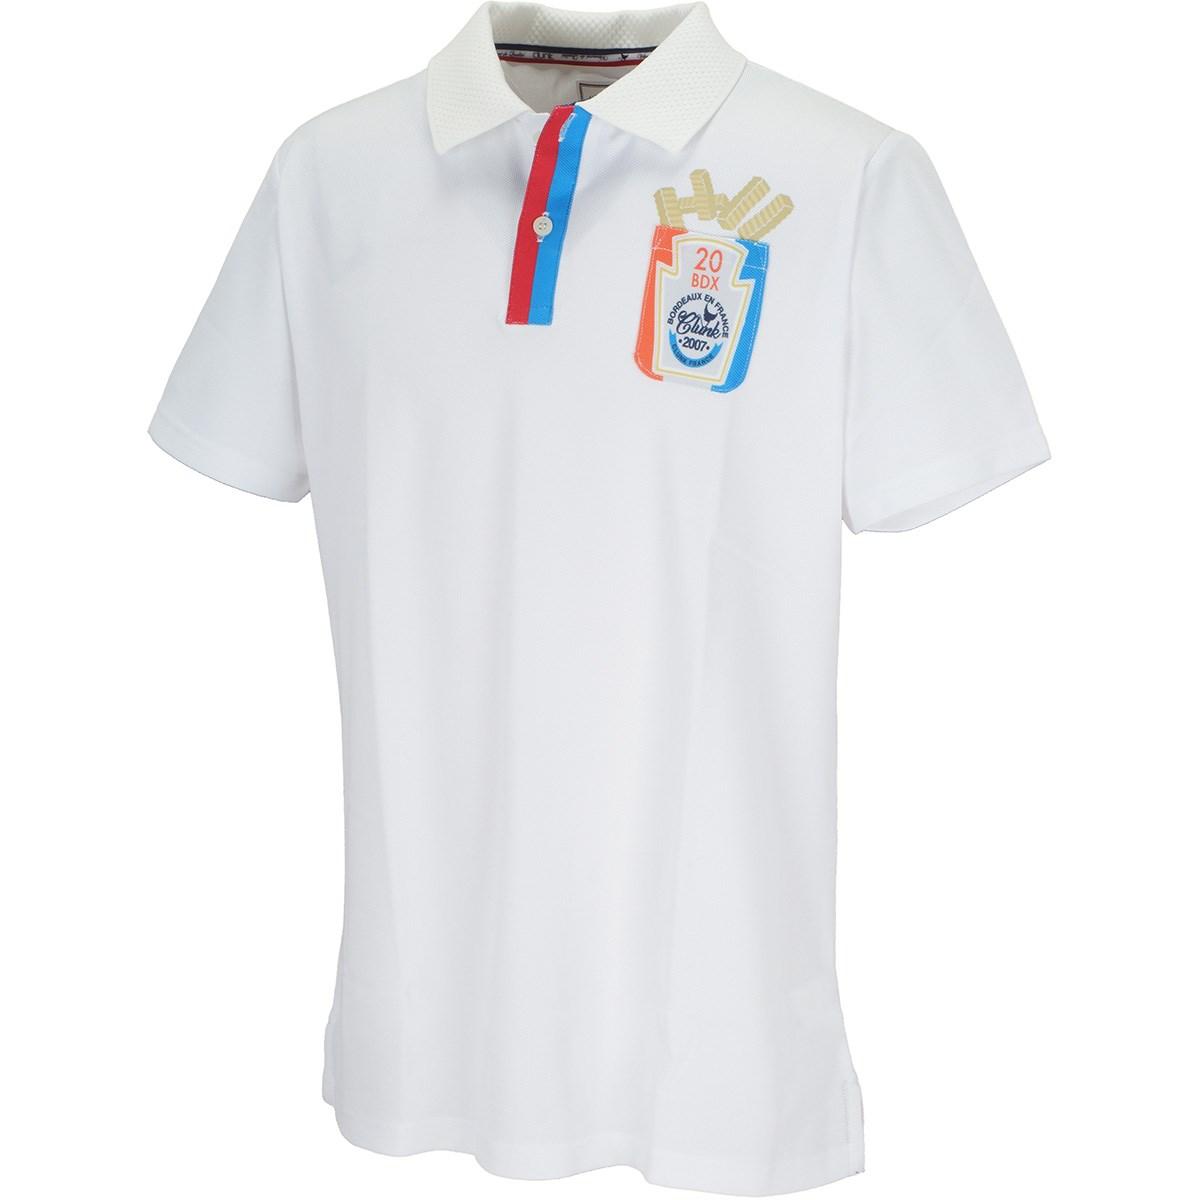 クランク(Clunk) ストレッチ ポテトポケット 半袖ポロシャツ